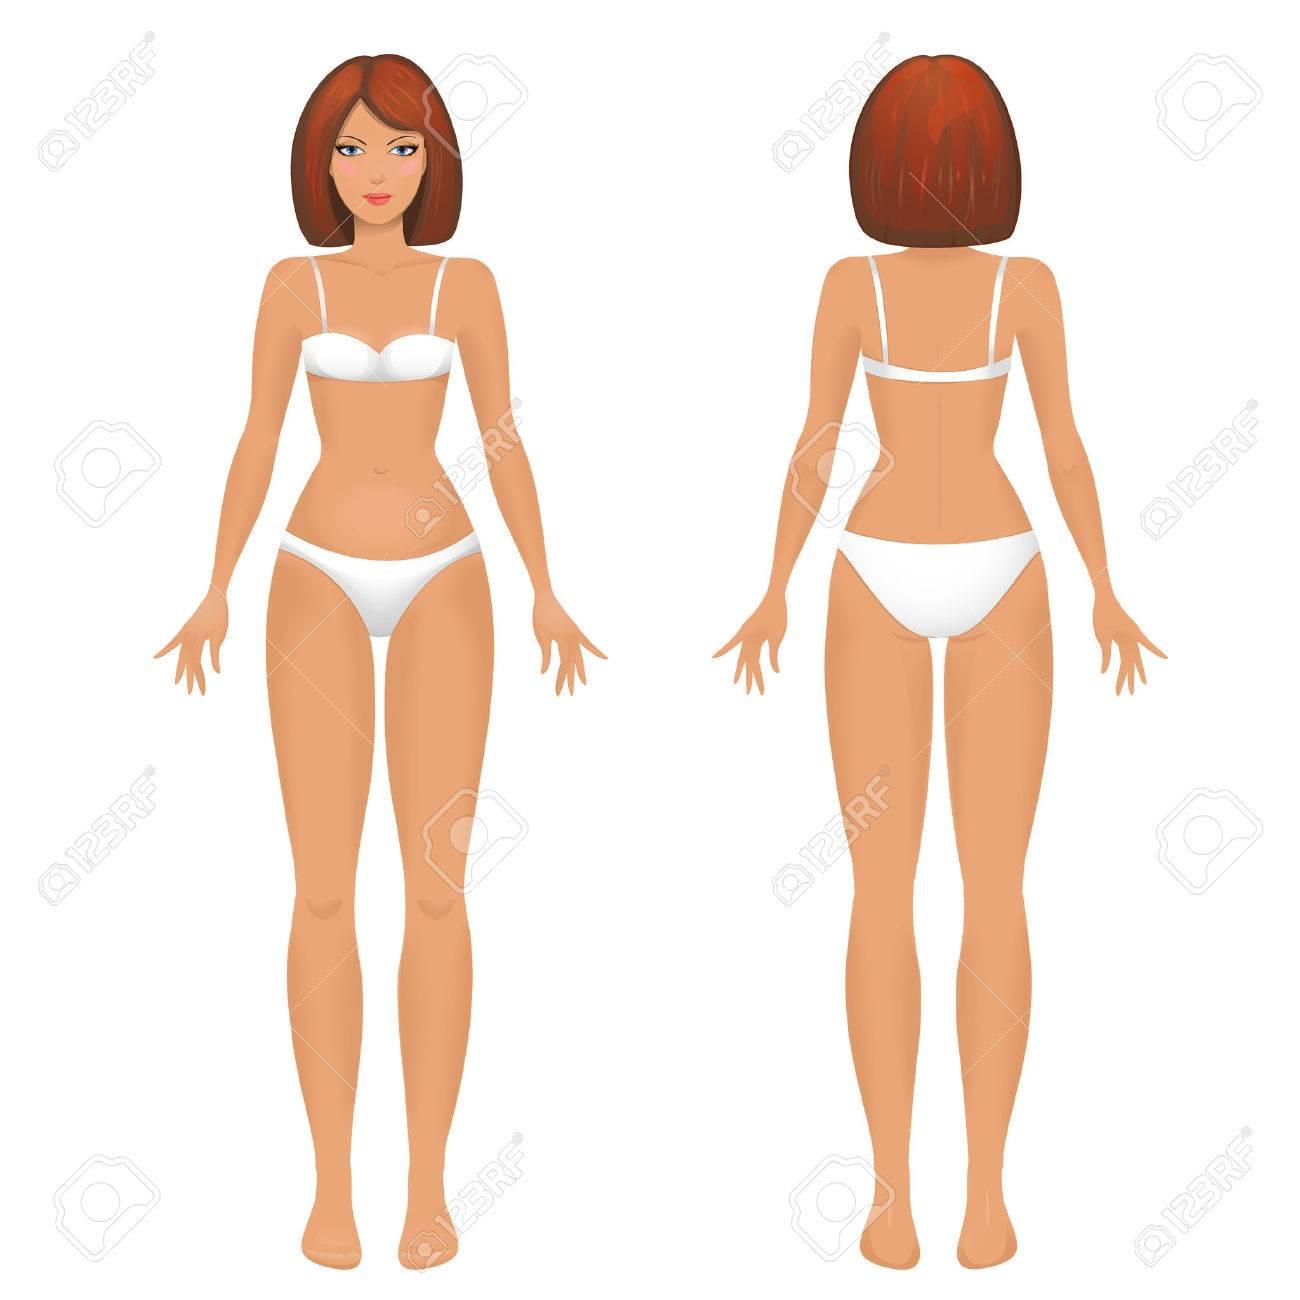 Ausgezeichnet Weibliche Körperzeichnungsvorlage Galerie - Entry ...